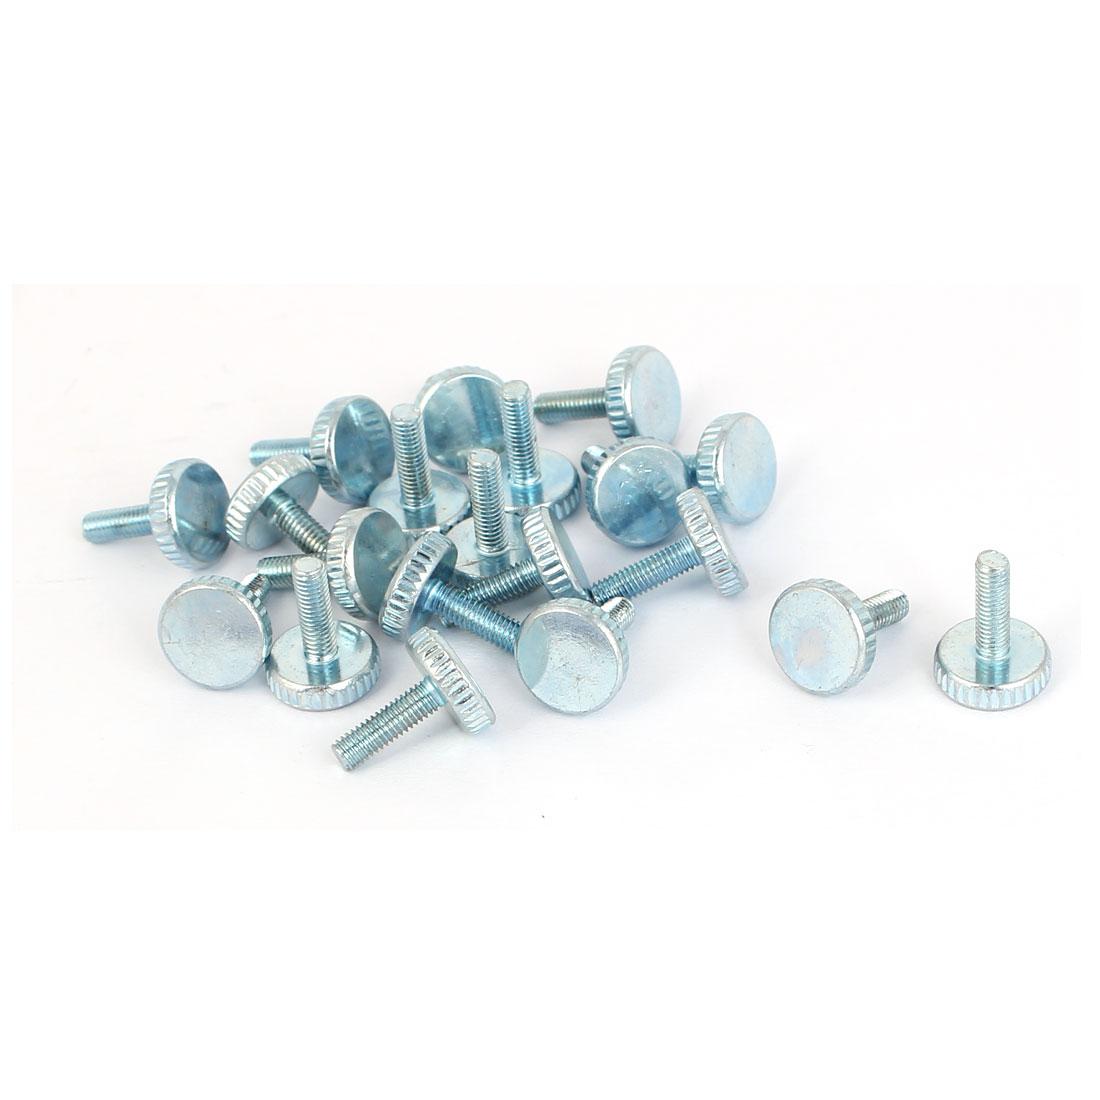 M3x10mm Thread Carbon Steel Knurled Round Head Thumb Screws Silver Blue 20pcs